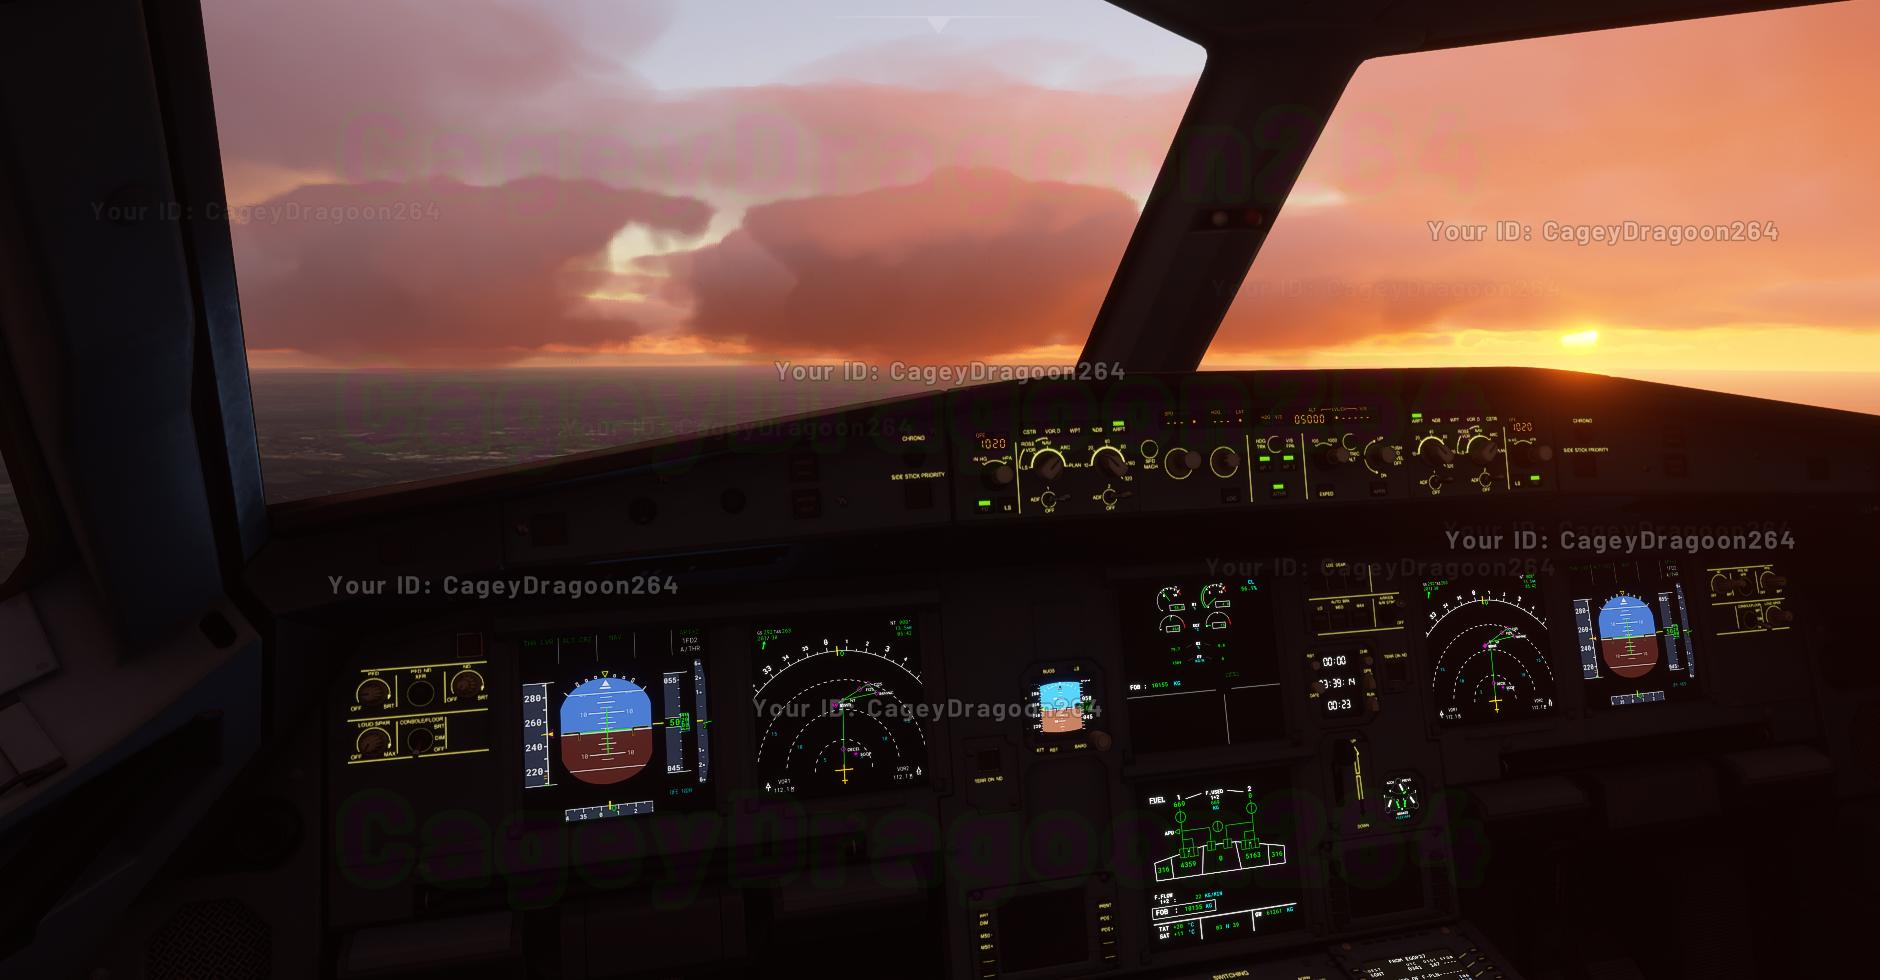 Небеса и уютные кабины пилотов на новых скриншотах Microsoft Flight Simulator